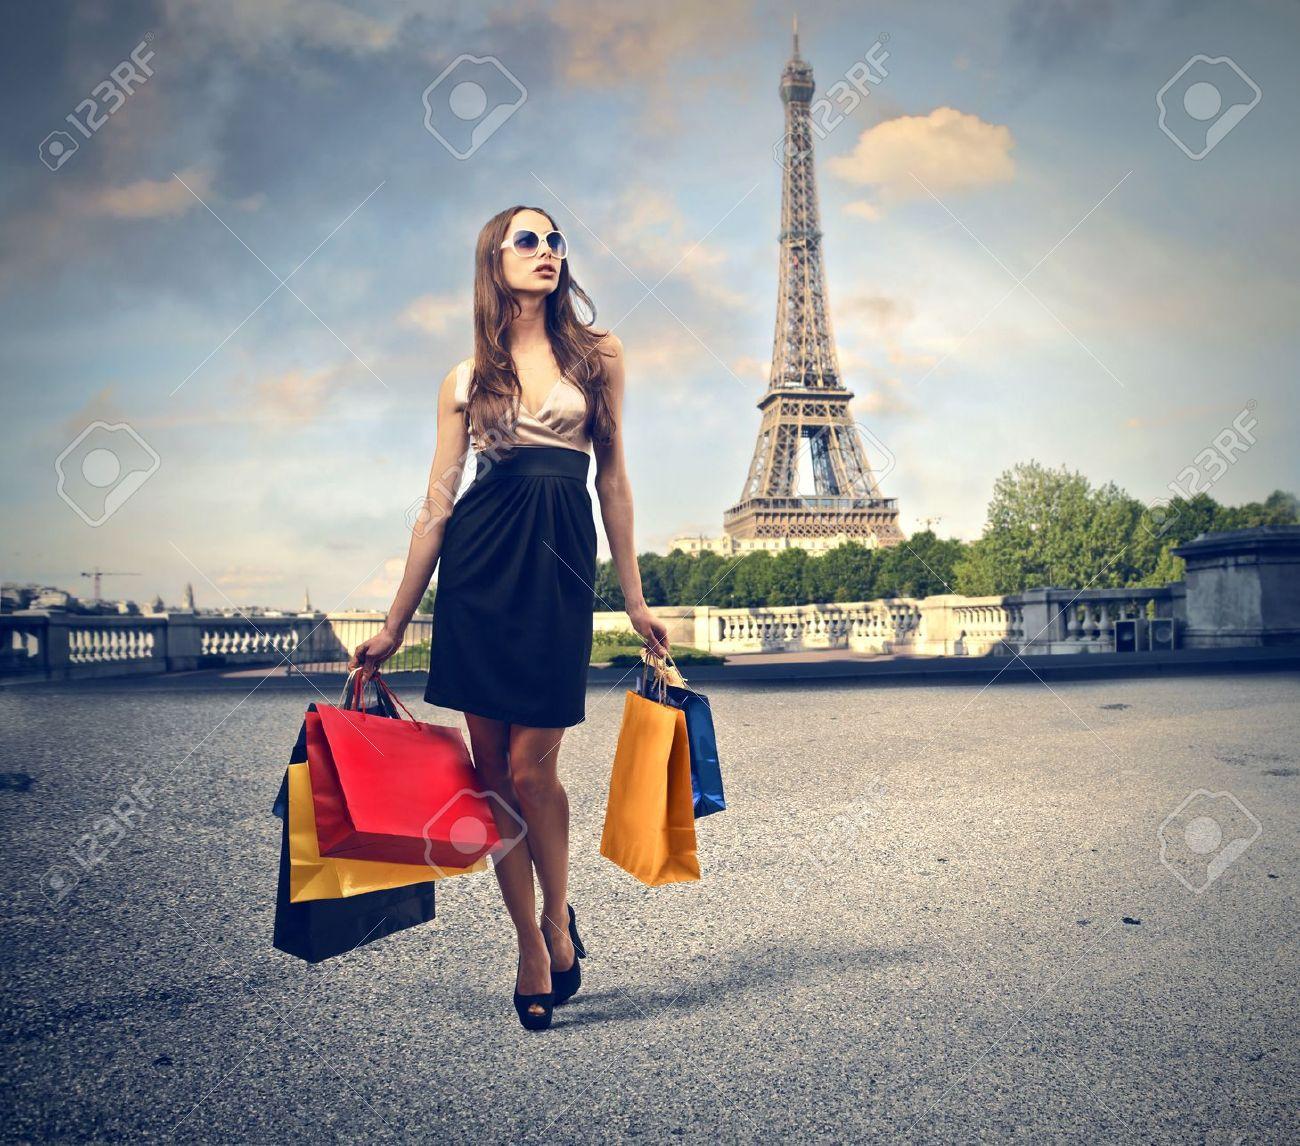 beautiful woman goes shopping in Paris - 18692072